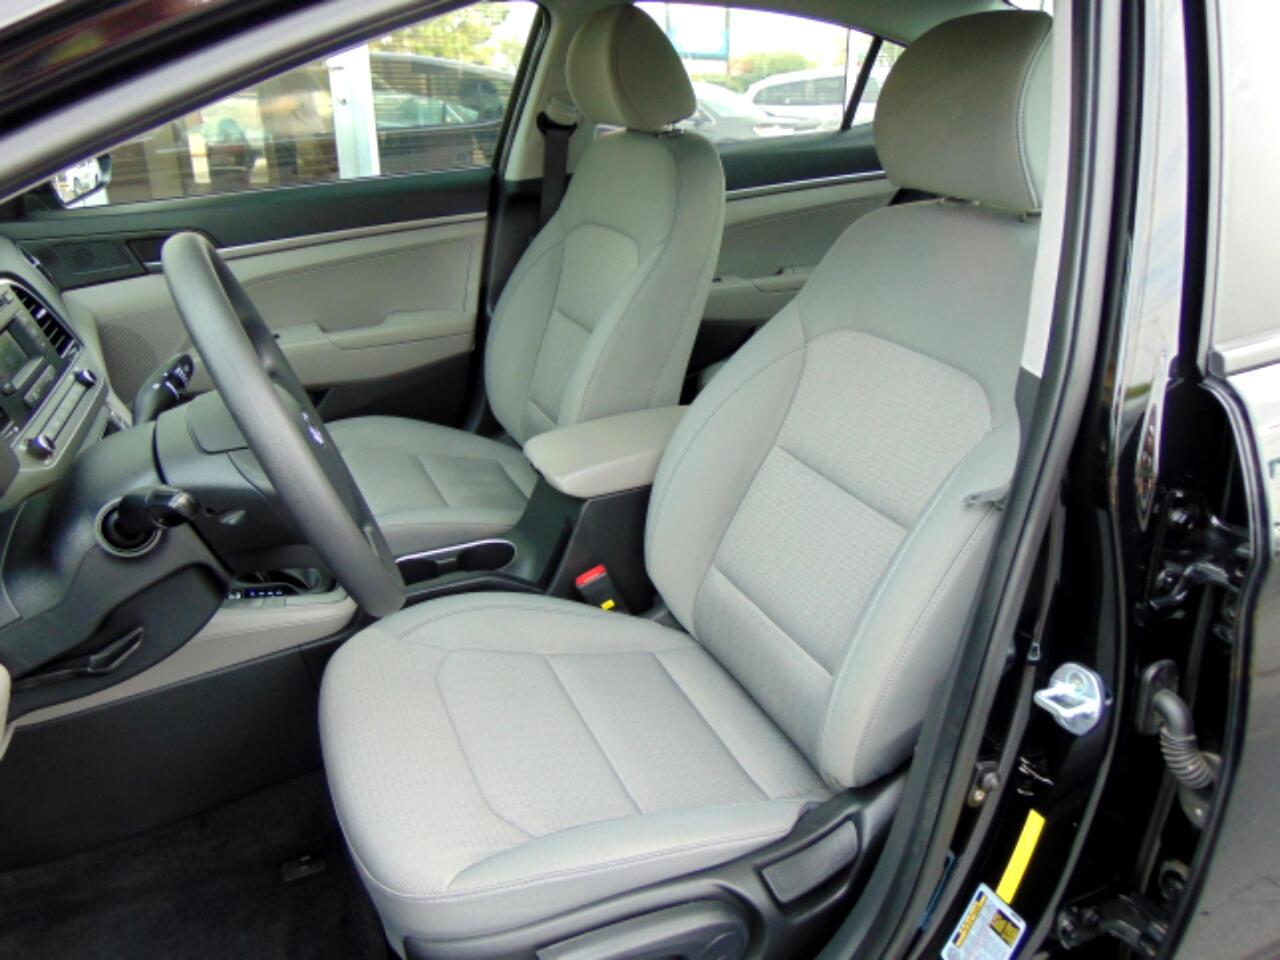 2017 Hyundai Elantra 4dr Sdn Auto SE PZEV